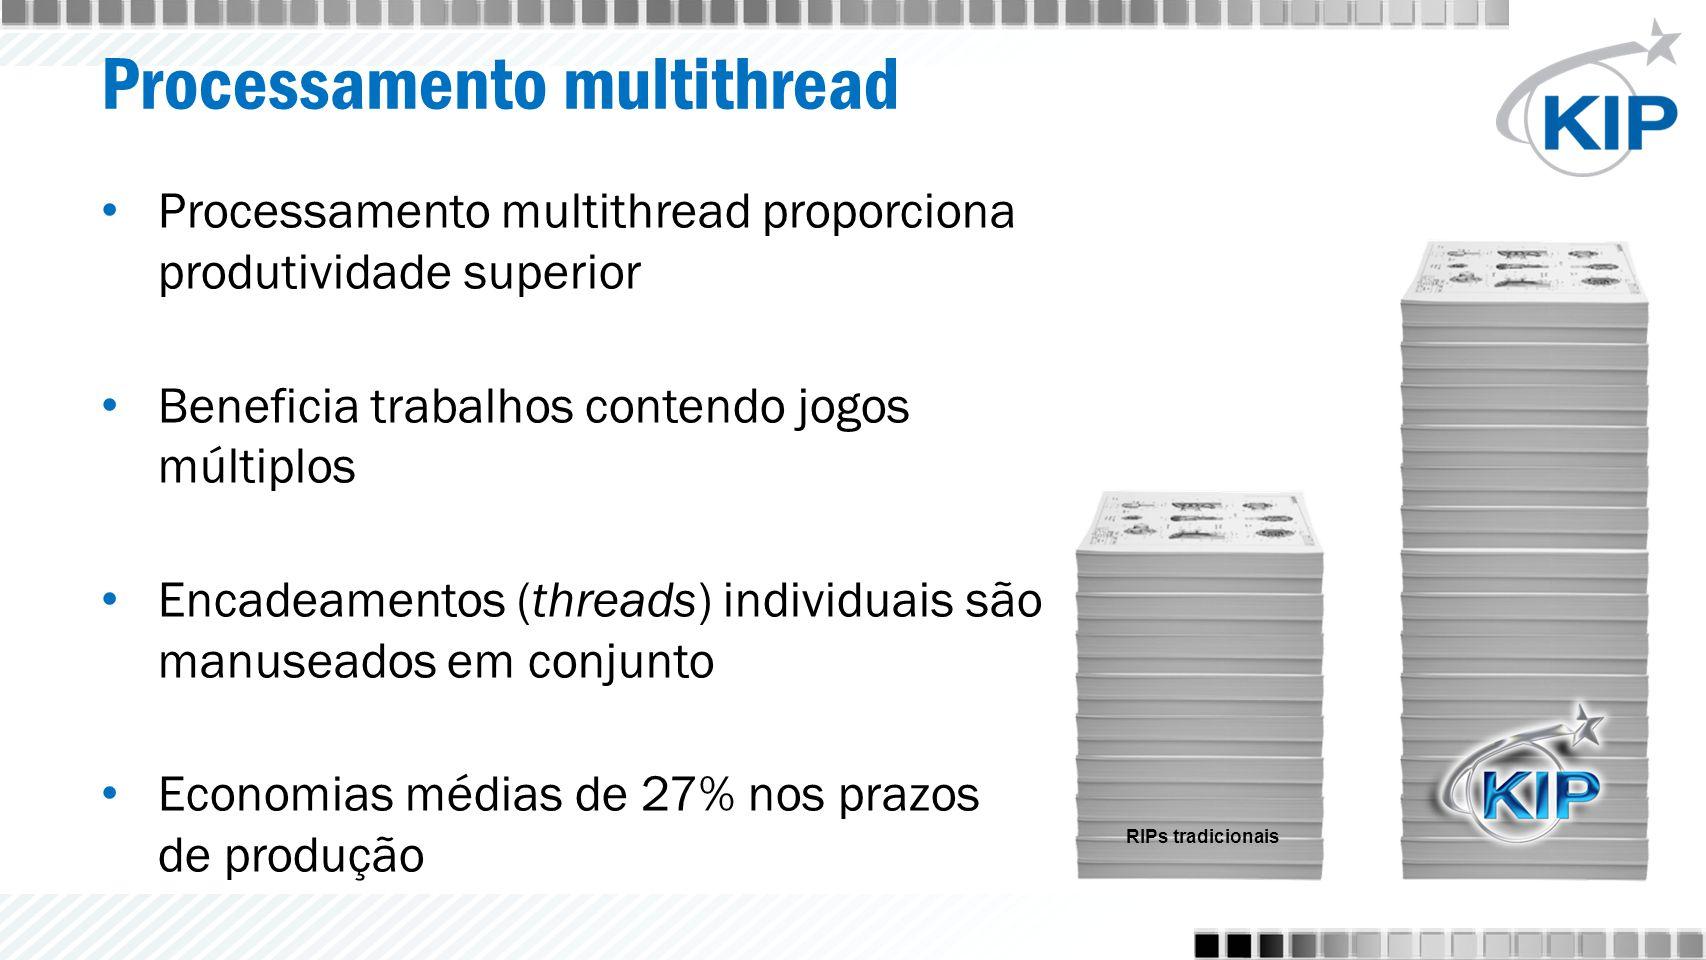 Impressão em nuvem do KIP 7700/7900 – Impressão de conveniência Envio de arquivos por e-mail para sistemas KIP, para visualização e impressão posterior.